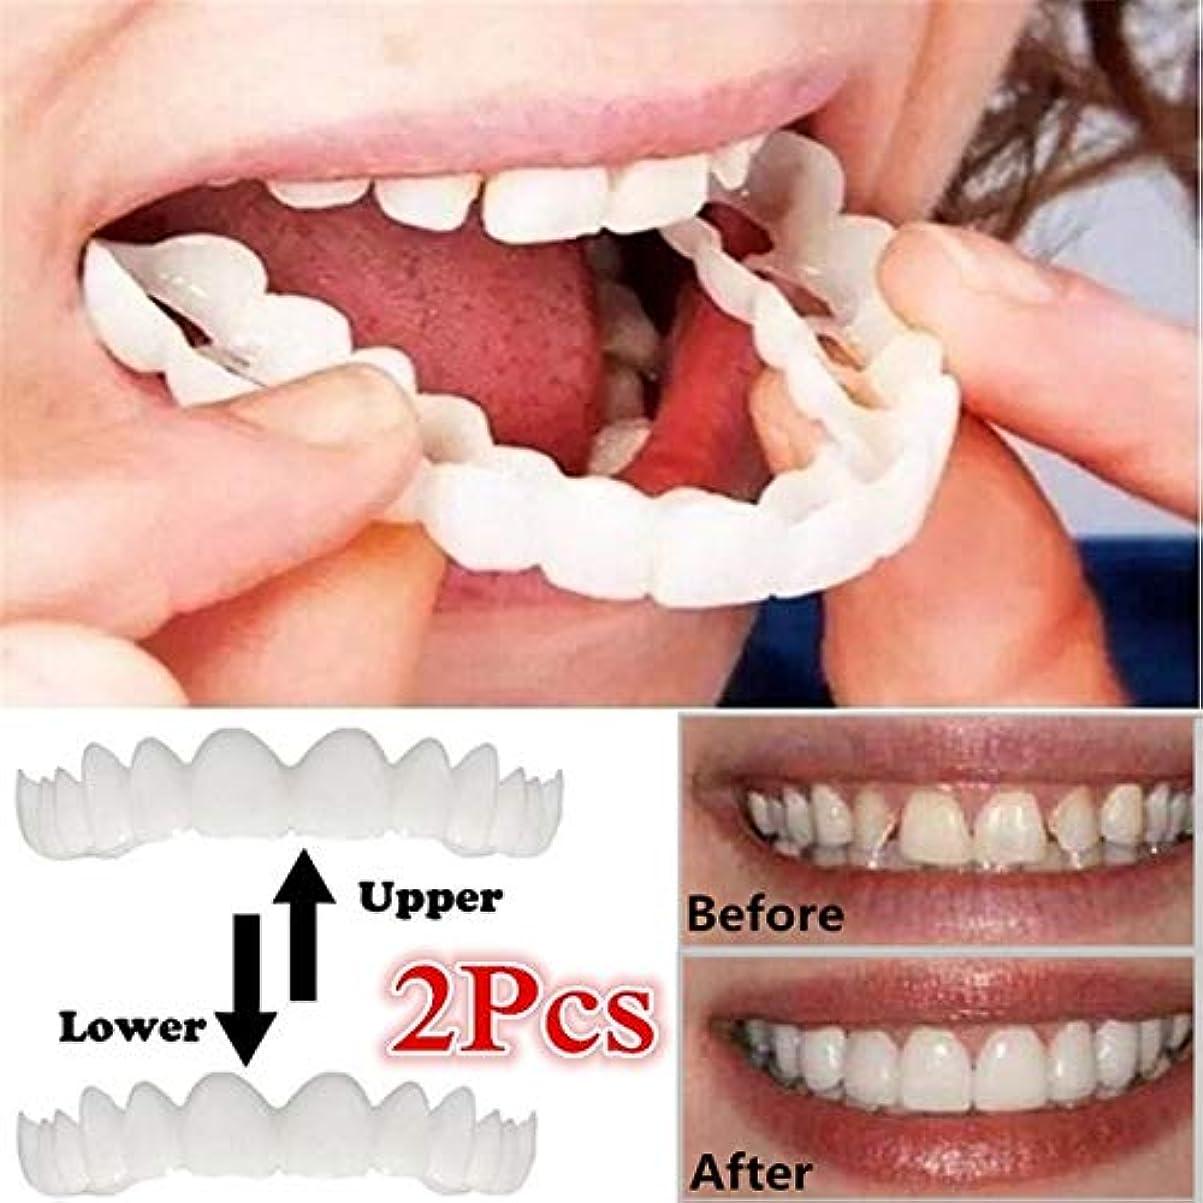 起こりやすい玉トマト新しい1対の模擬歯の笑顔が、最も快適な上下の歯のベニア(一番下と一番上)のための柔らかい歯に快適にフィット